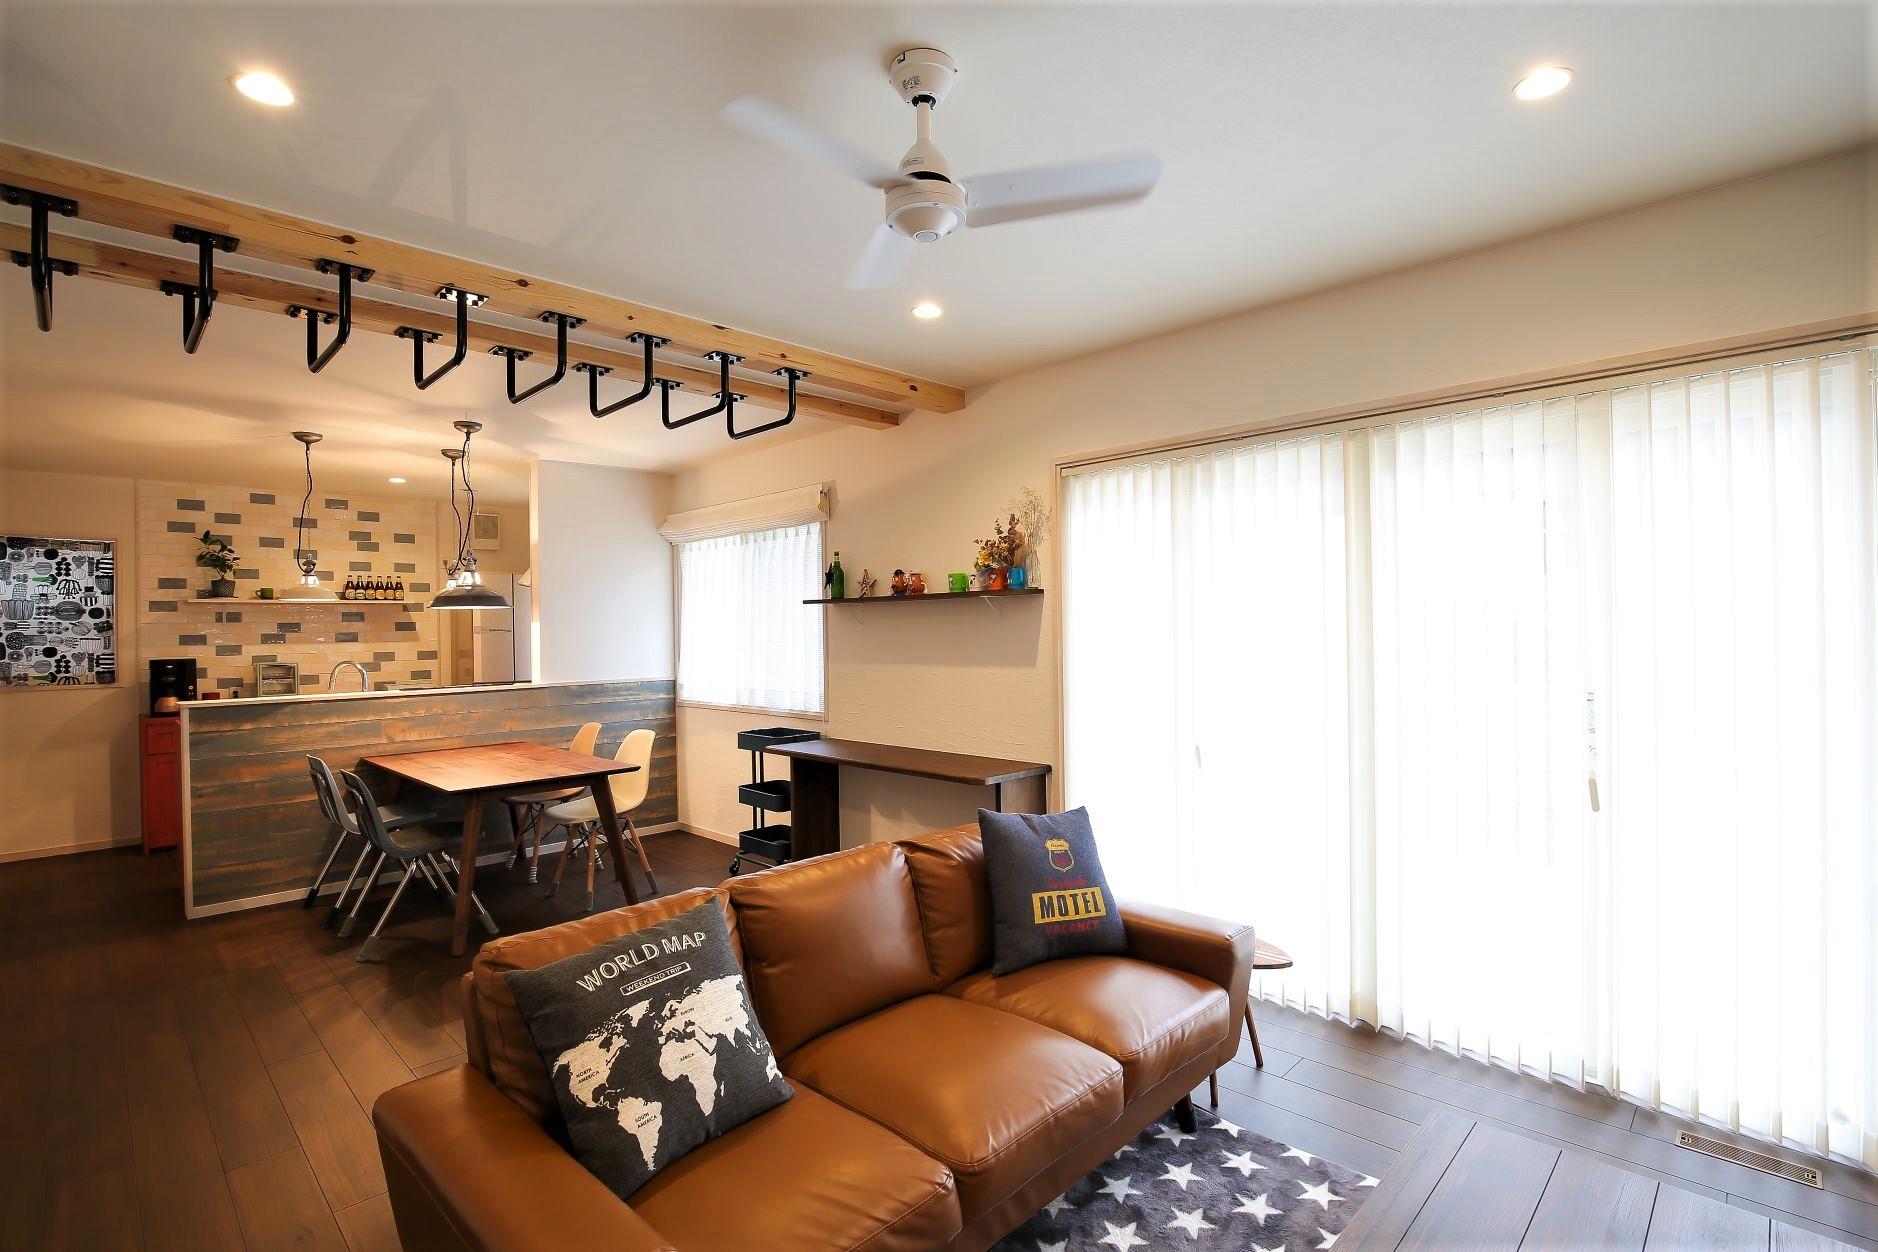 サンエフホーム【デザイン住宅、自然素材、インテリア】 LDKは使い勝手、デザイン、遊び心を取り入れた妥協の無い住空間に